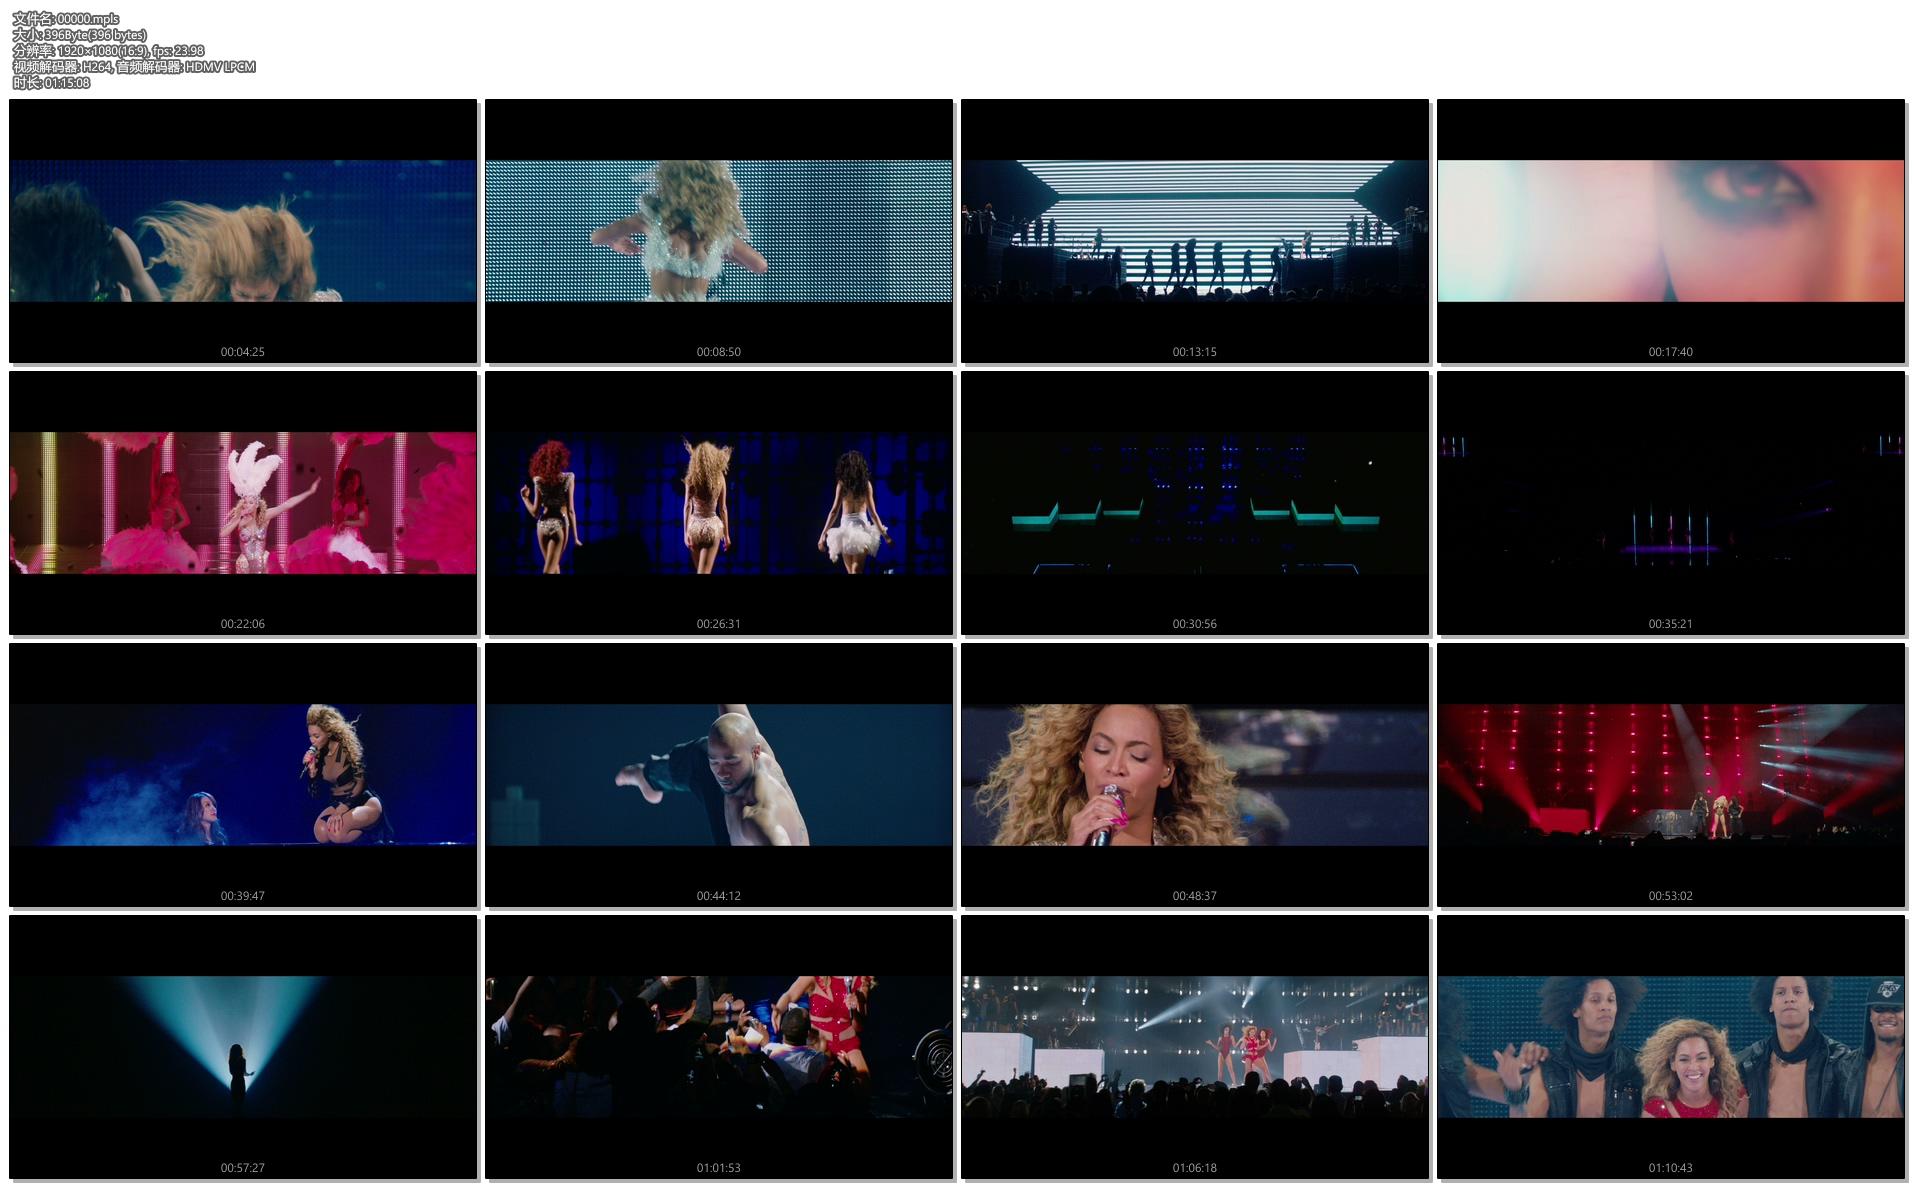 [蓝光原盘] 碧昂丝Beyoncé 2013星途梦旅+大西洋城演唱会《ISO 双碟 39.17G》插图(3)